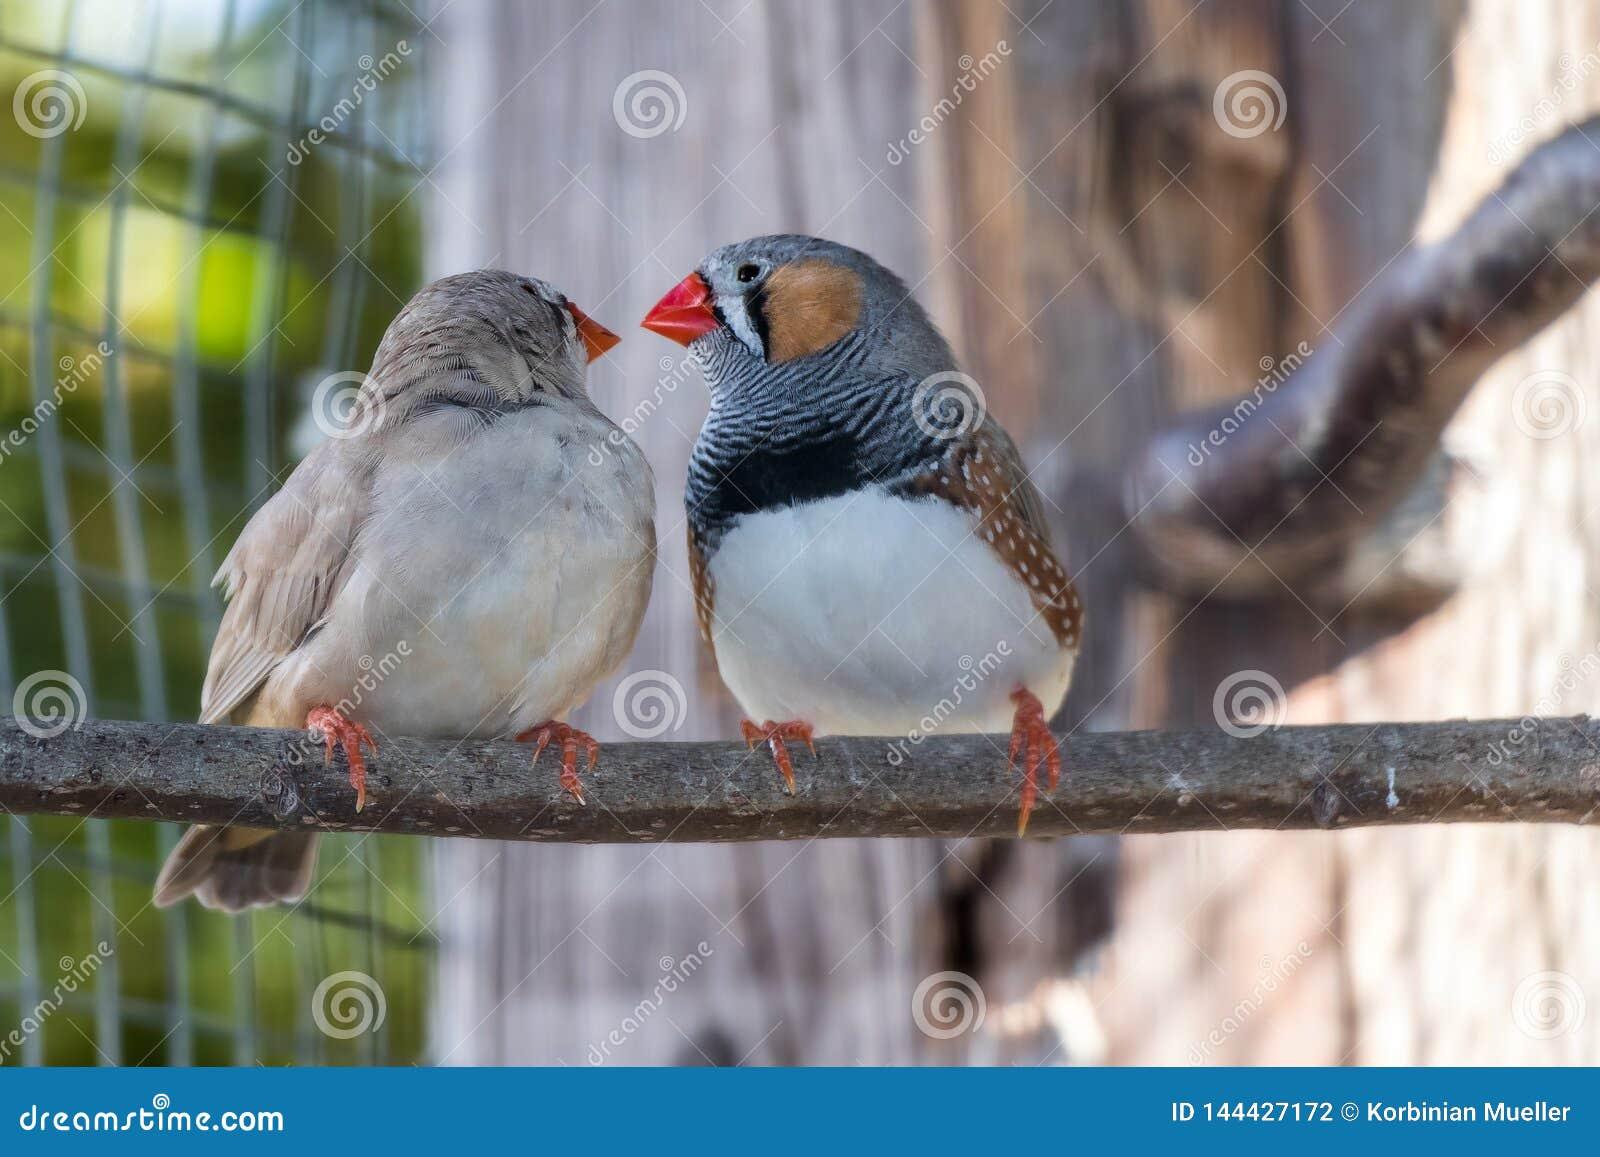 Amour entre 2 oiseaux